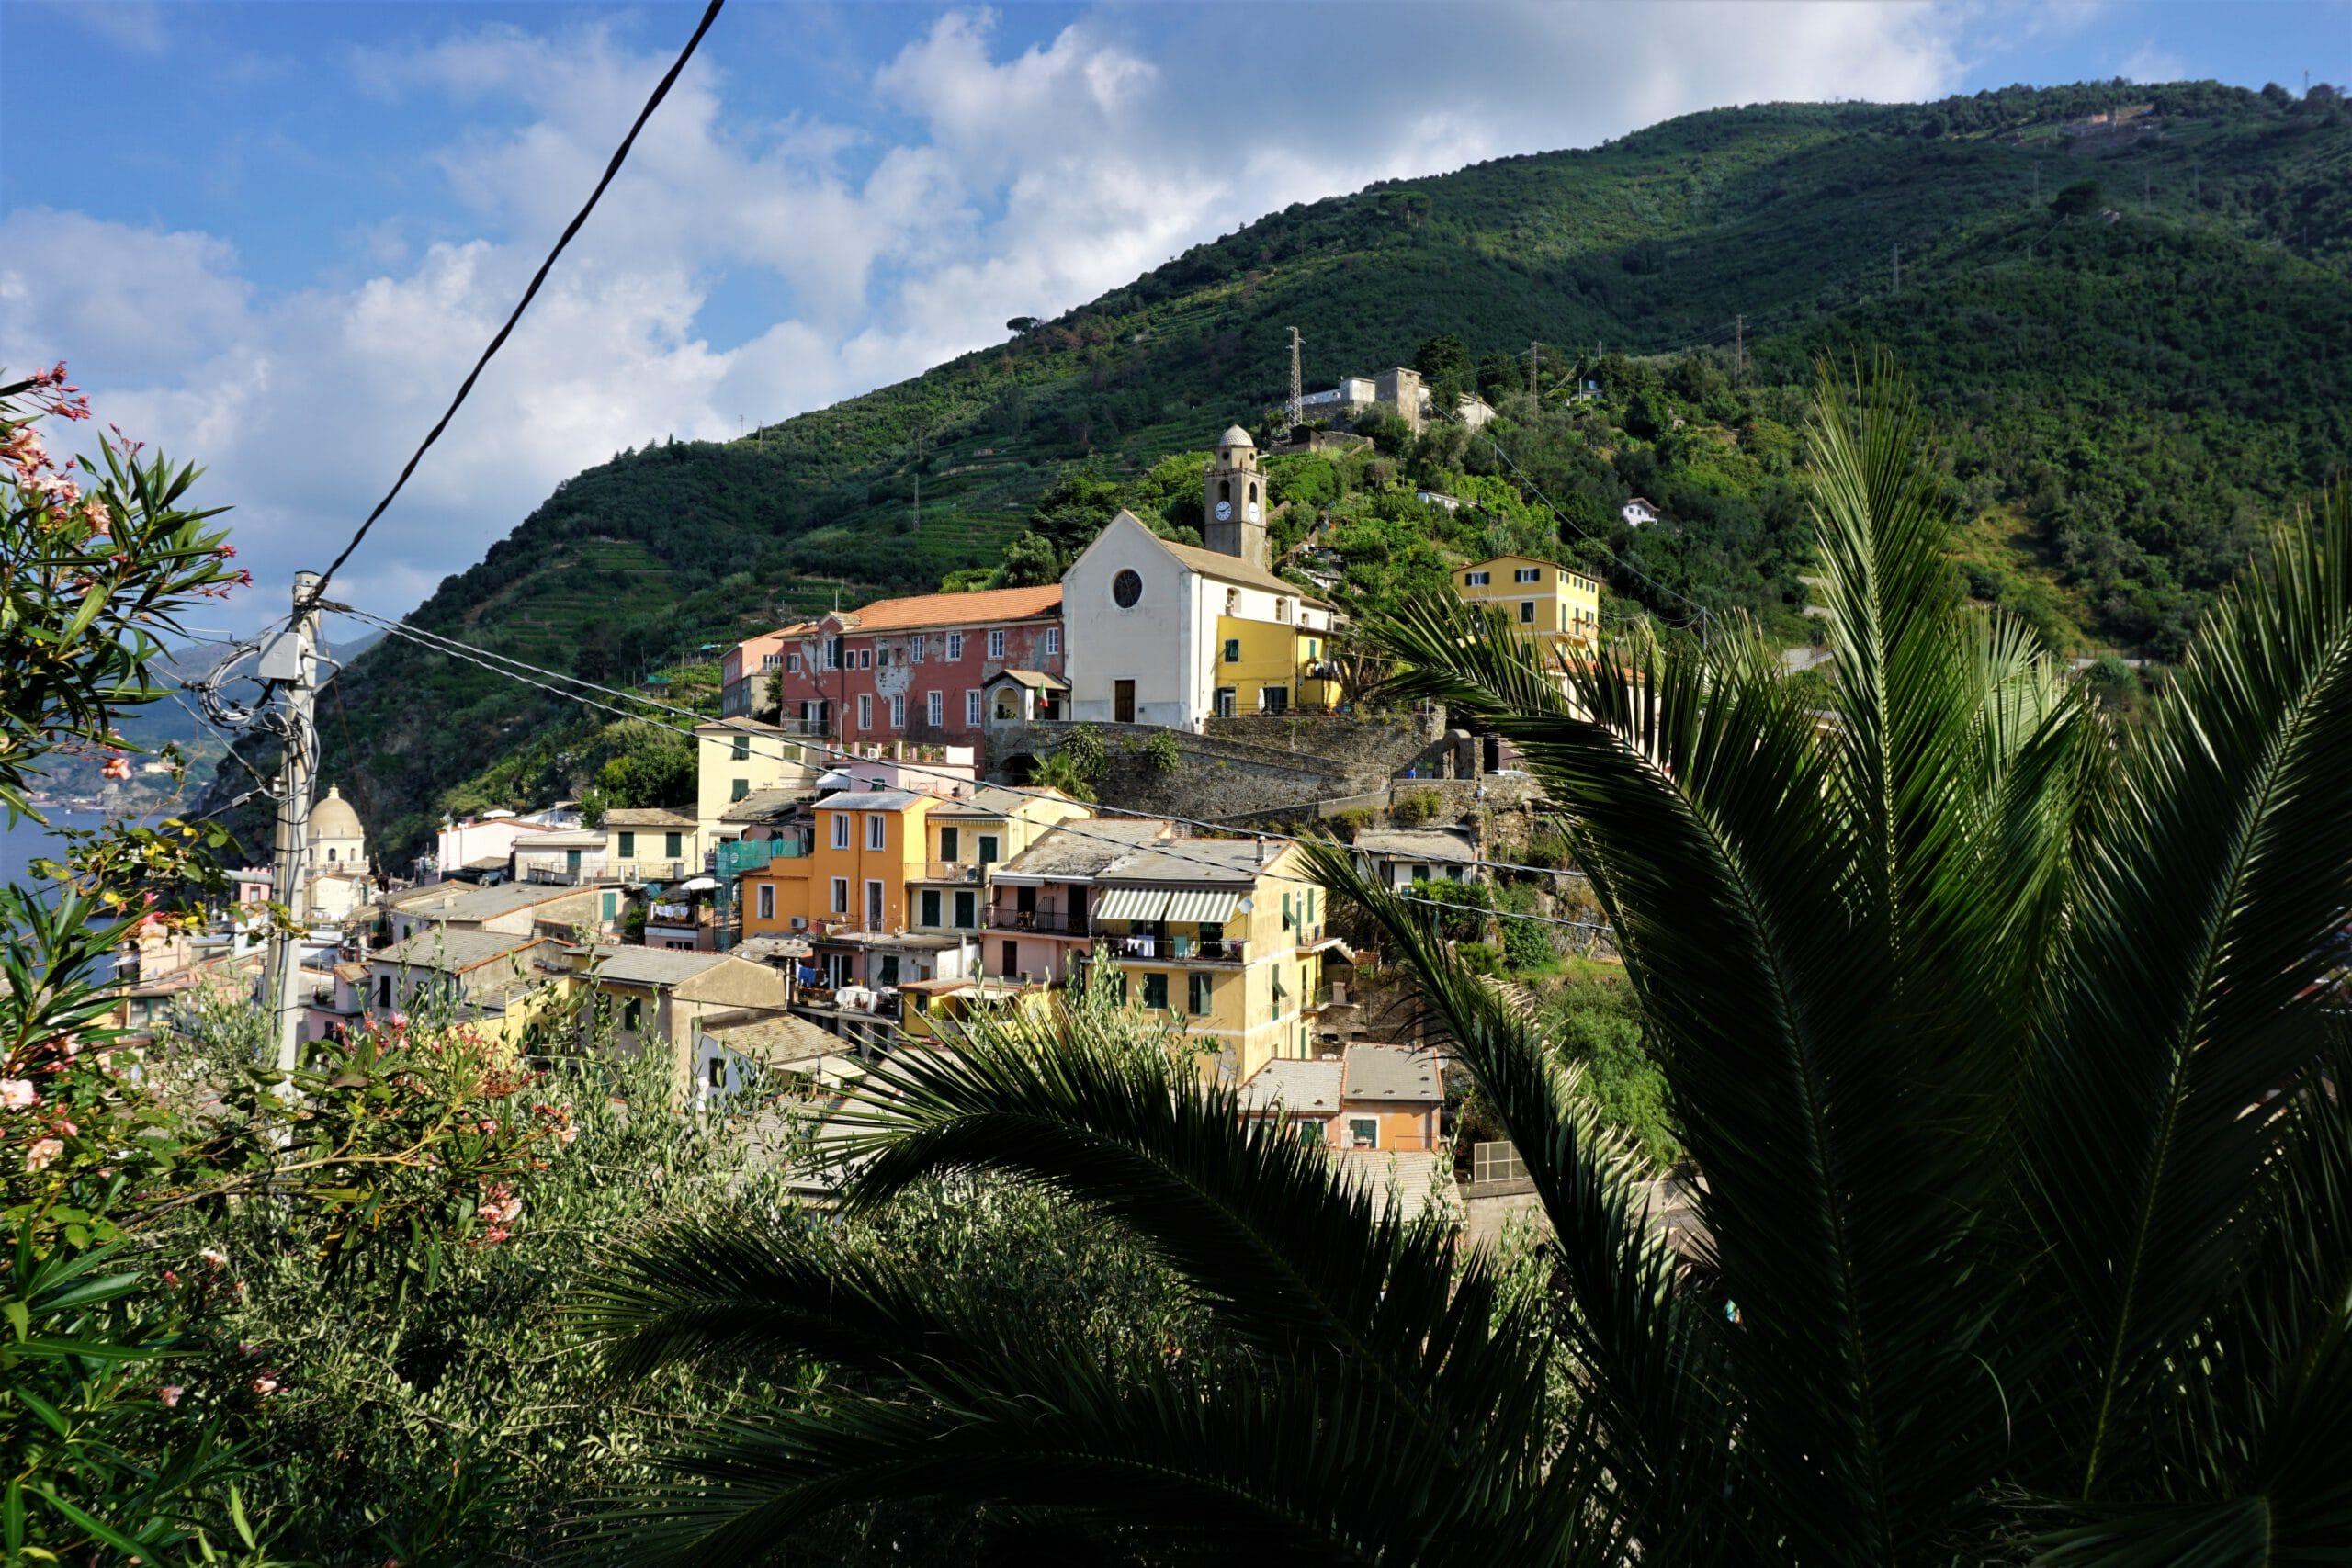 Blick auf Corniglia in cinque terre